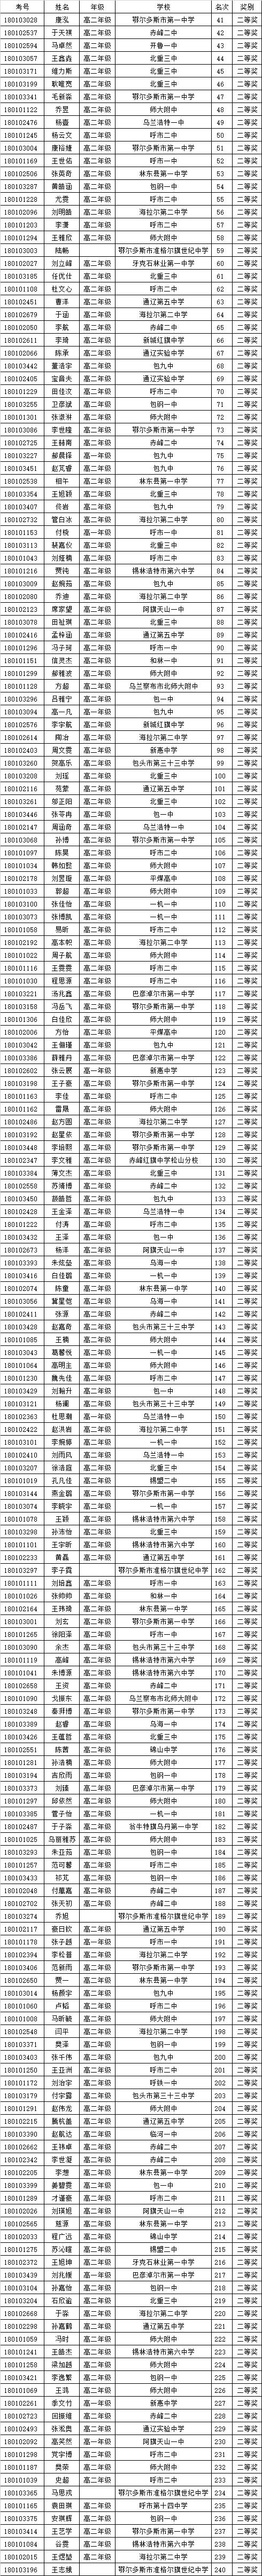 内蒙古省2018年全国中学生生物学联赛省二获奖名单